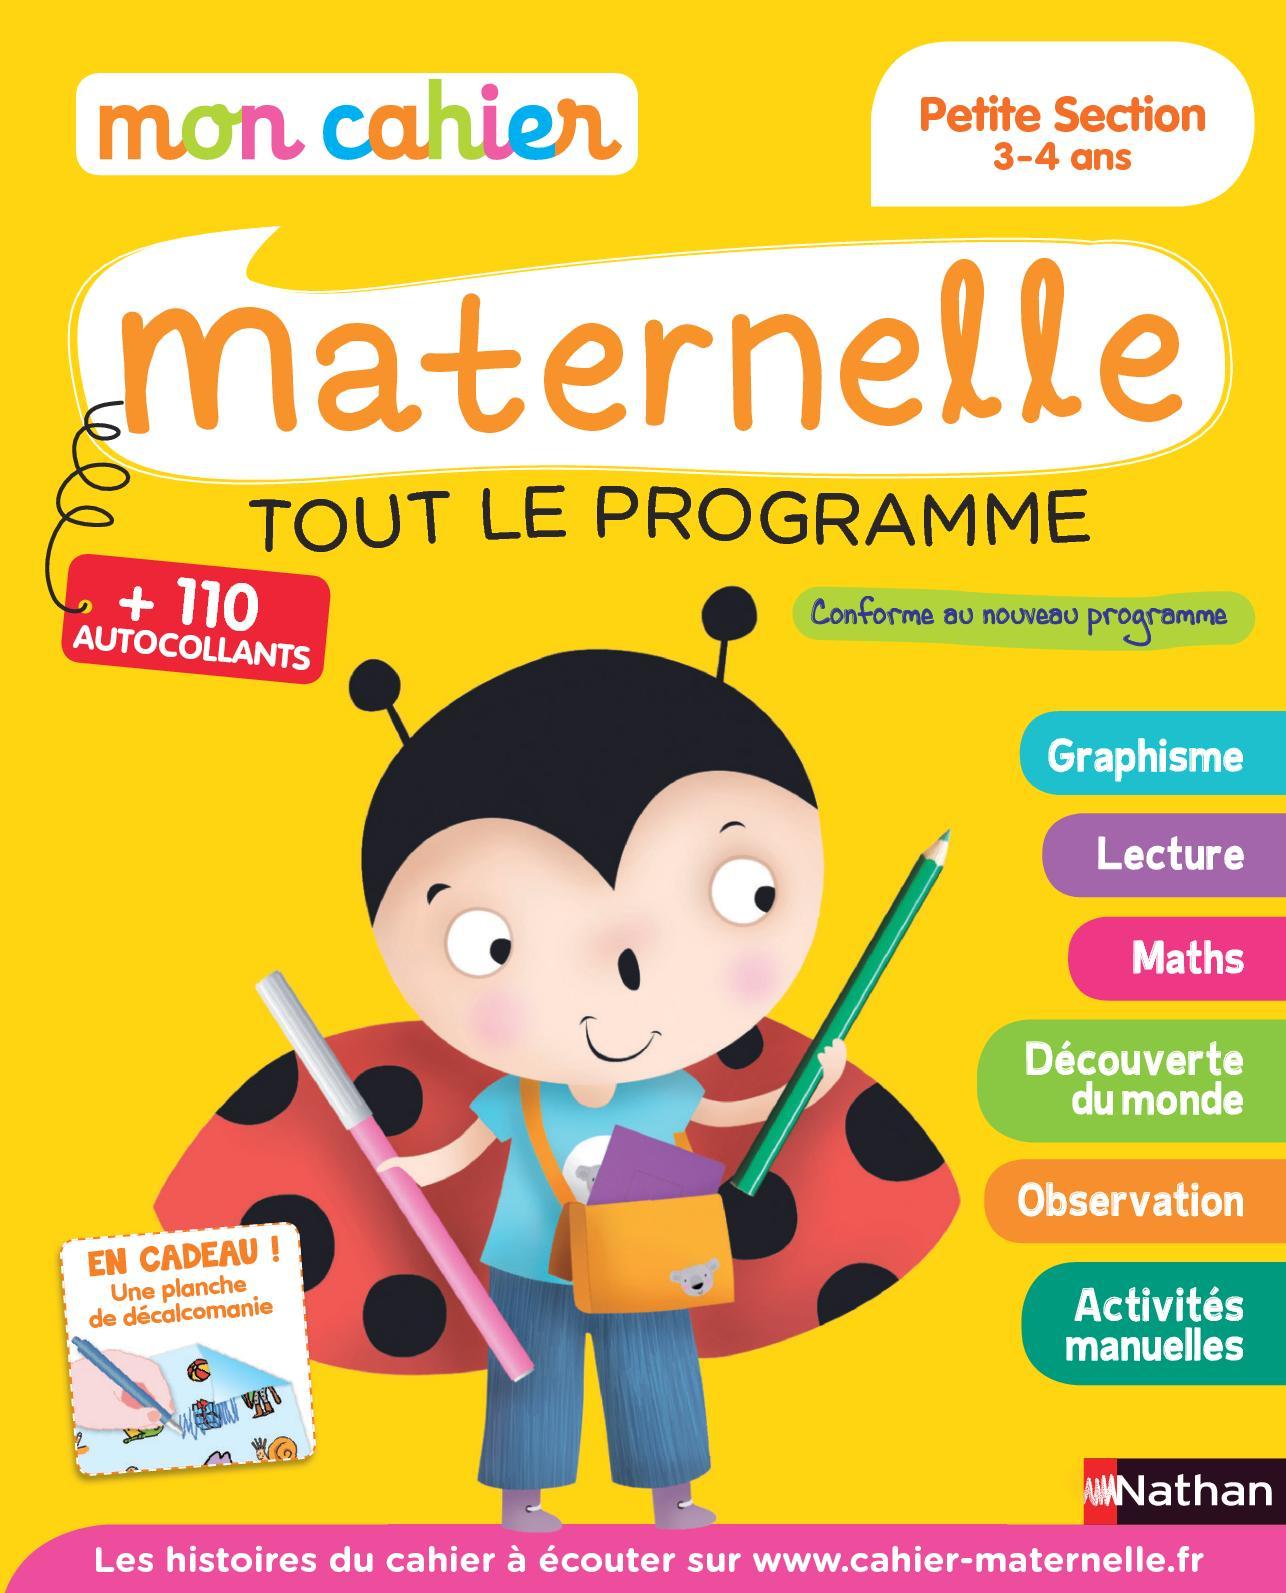 Calaméo - Mon Cahier Maternelle 3-4 Ans encequiconcerne Activité Ludique Maternelle